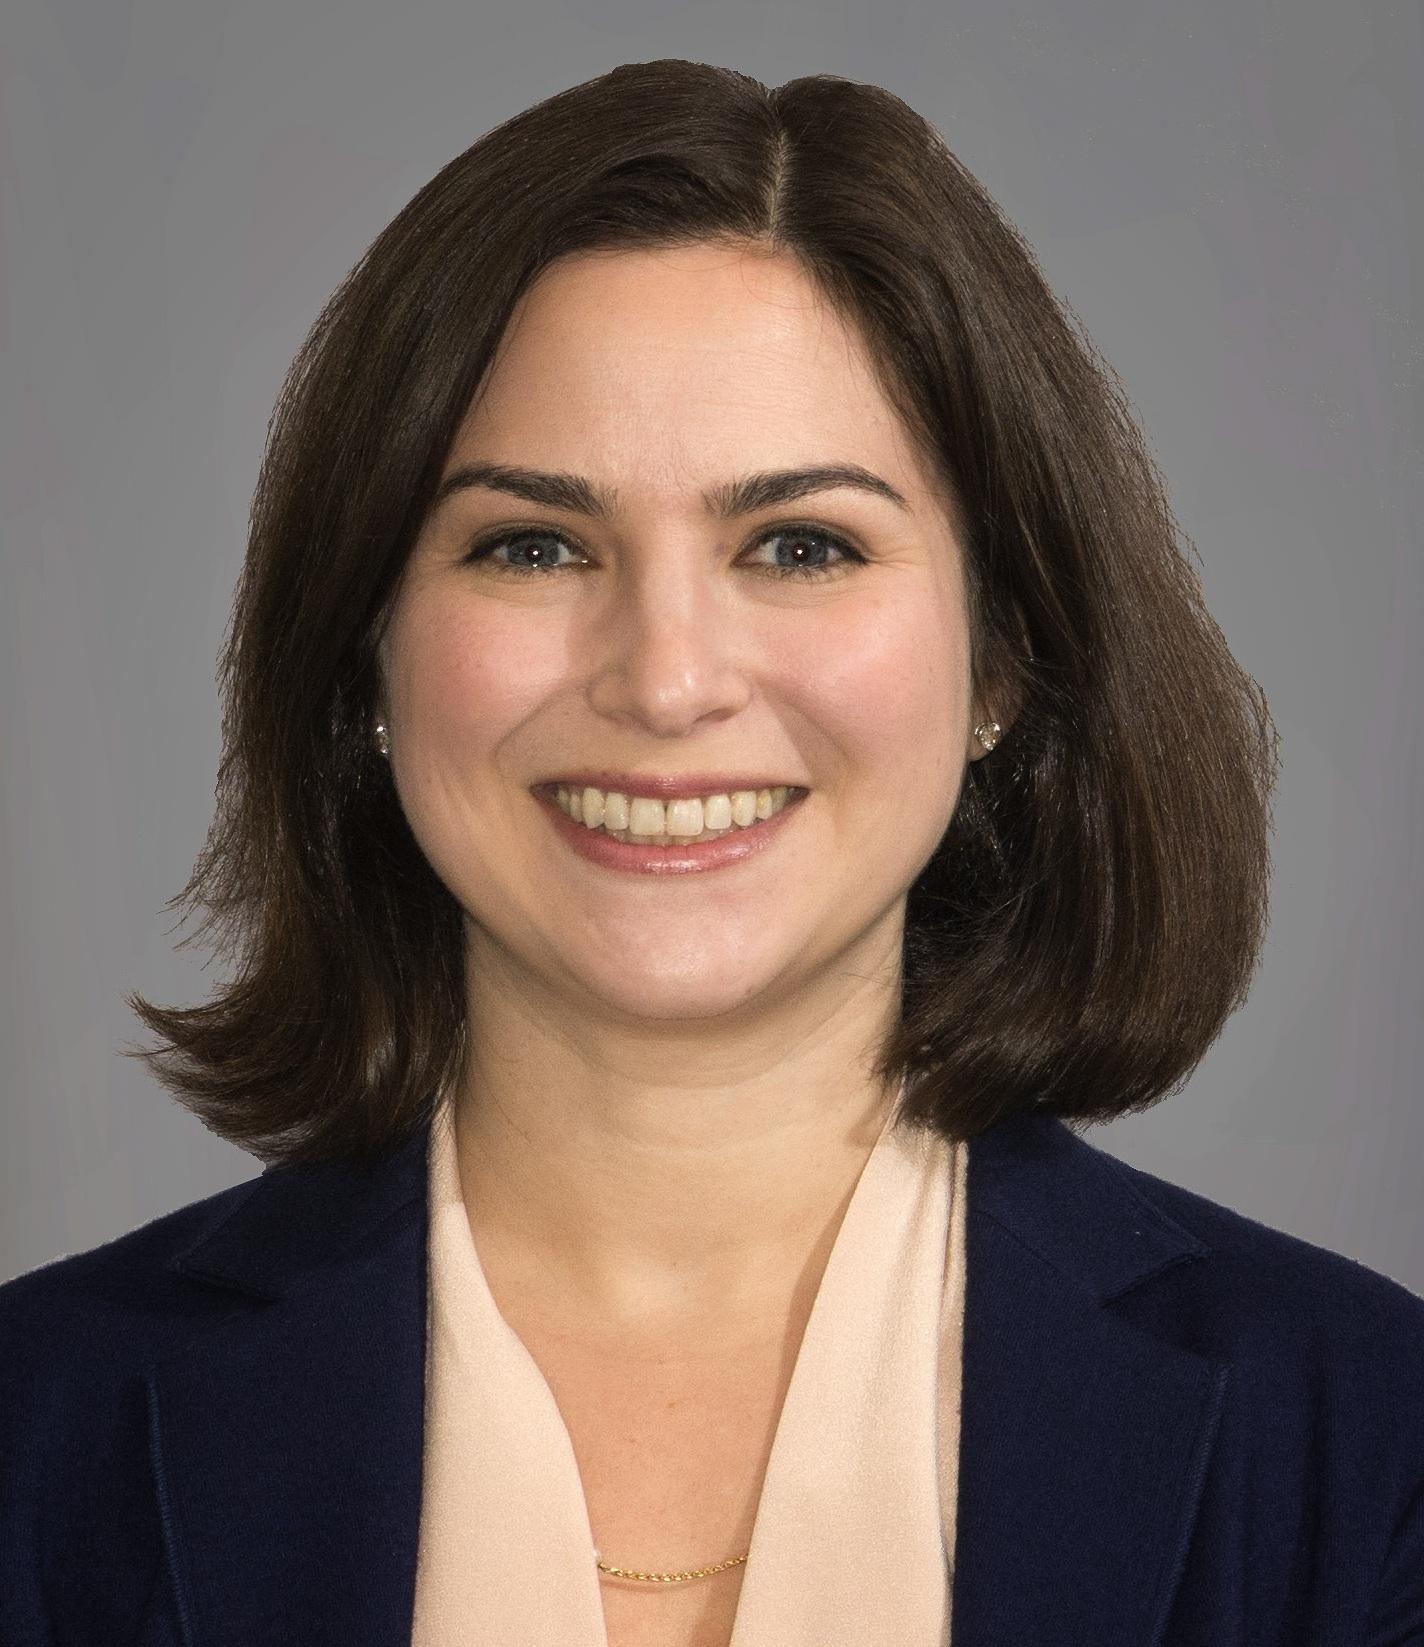 Lauren Emerson